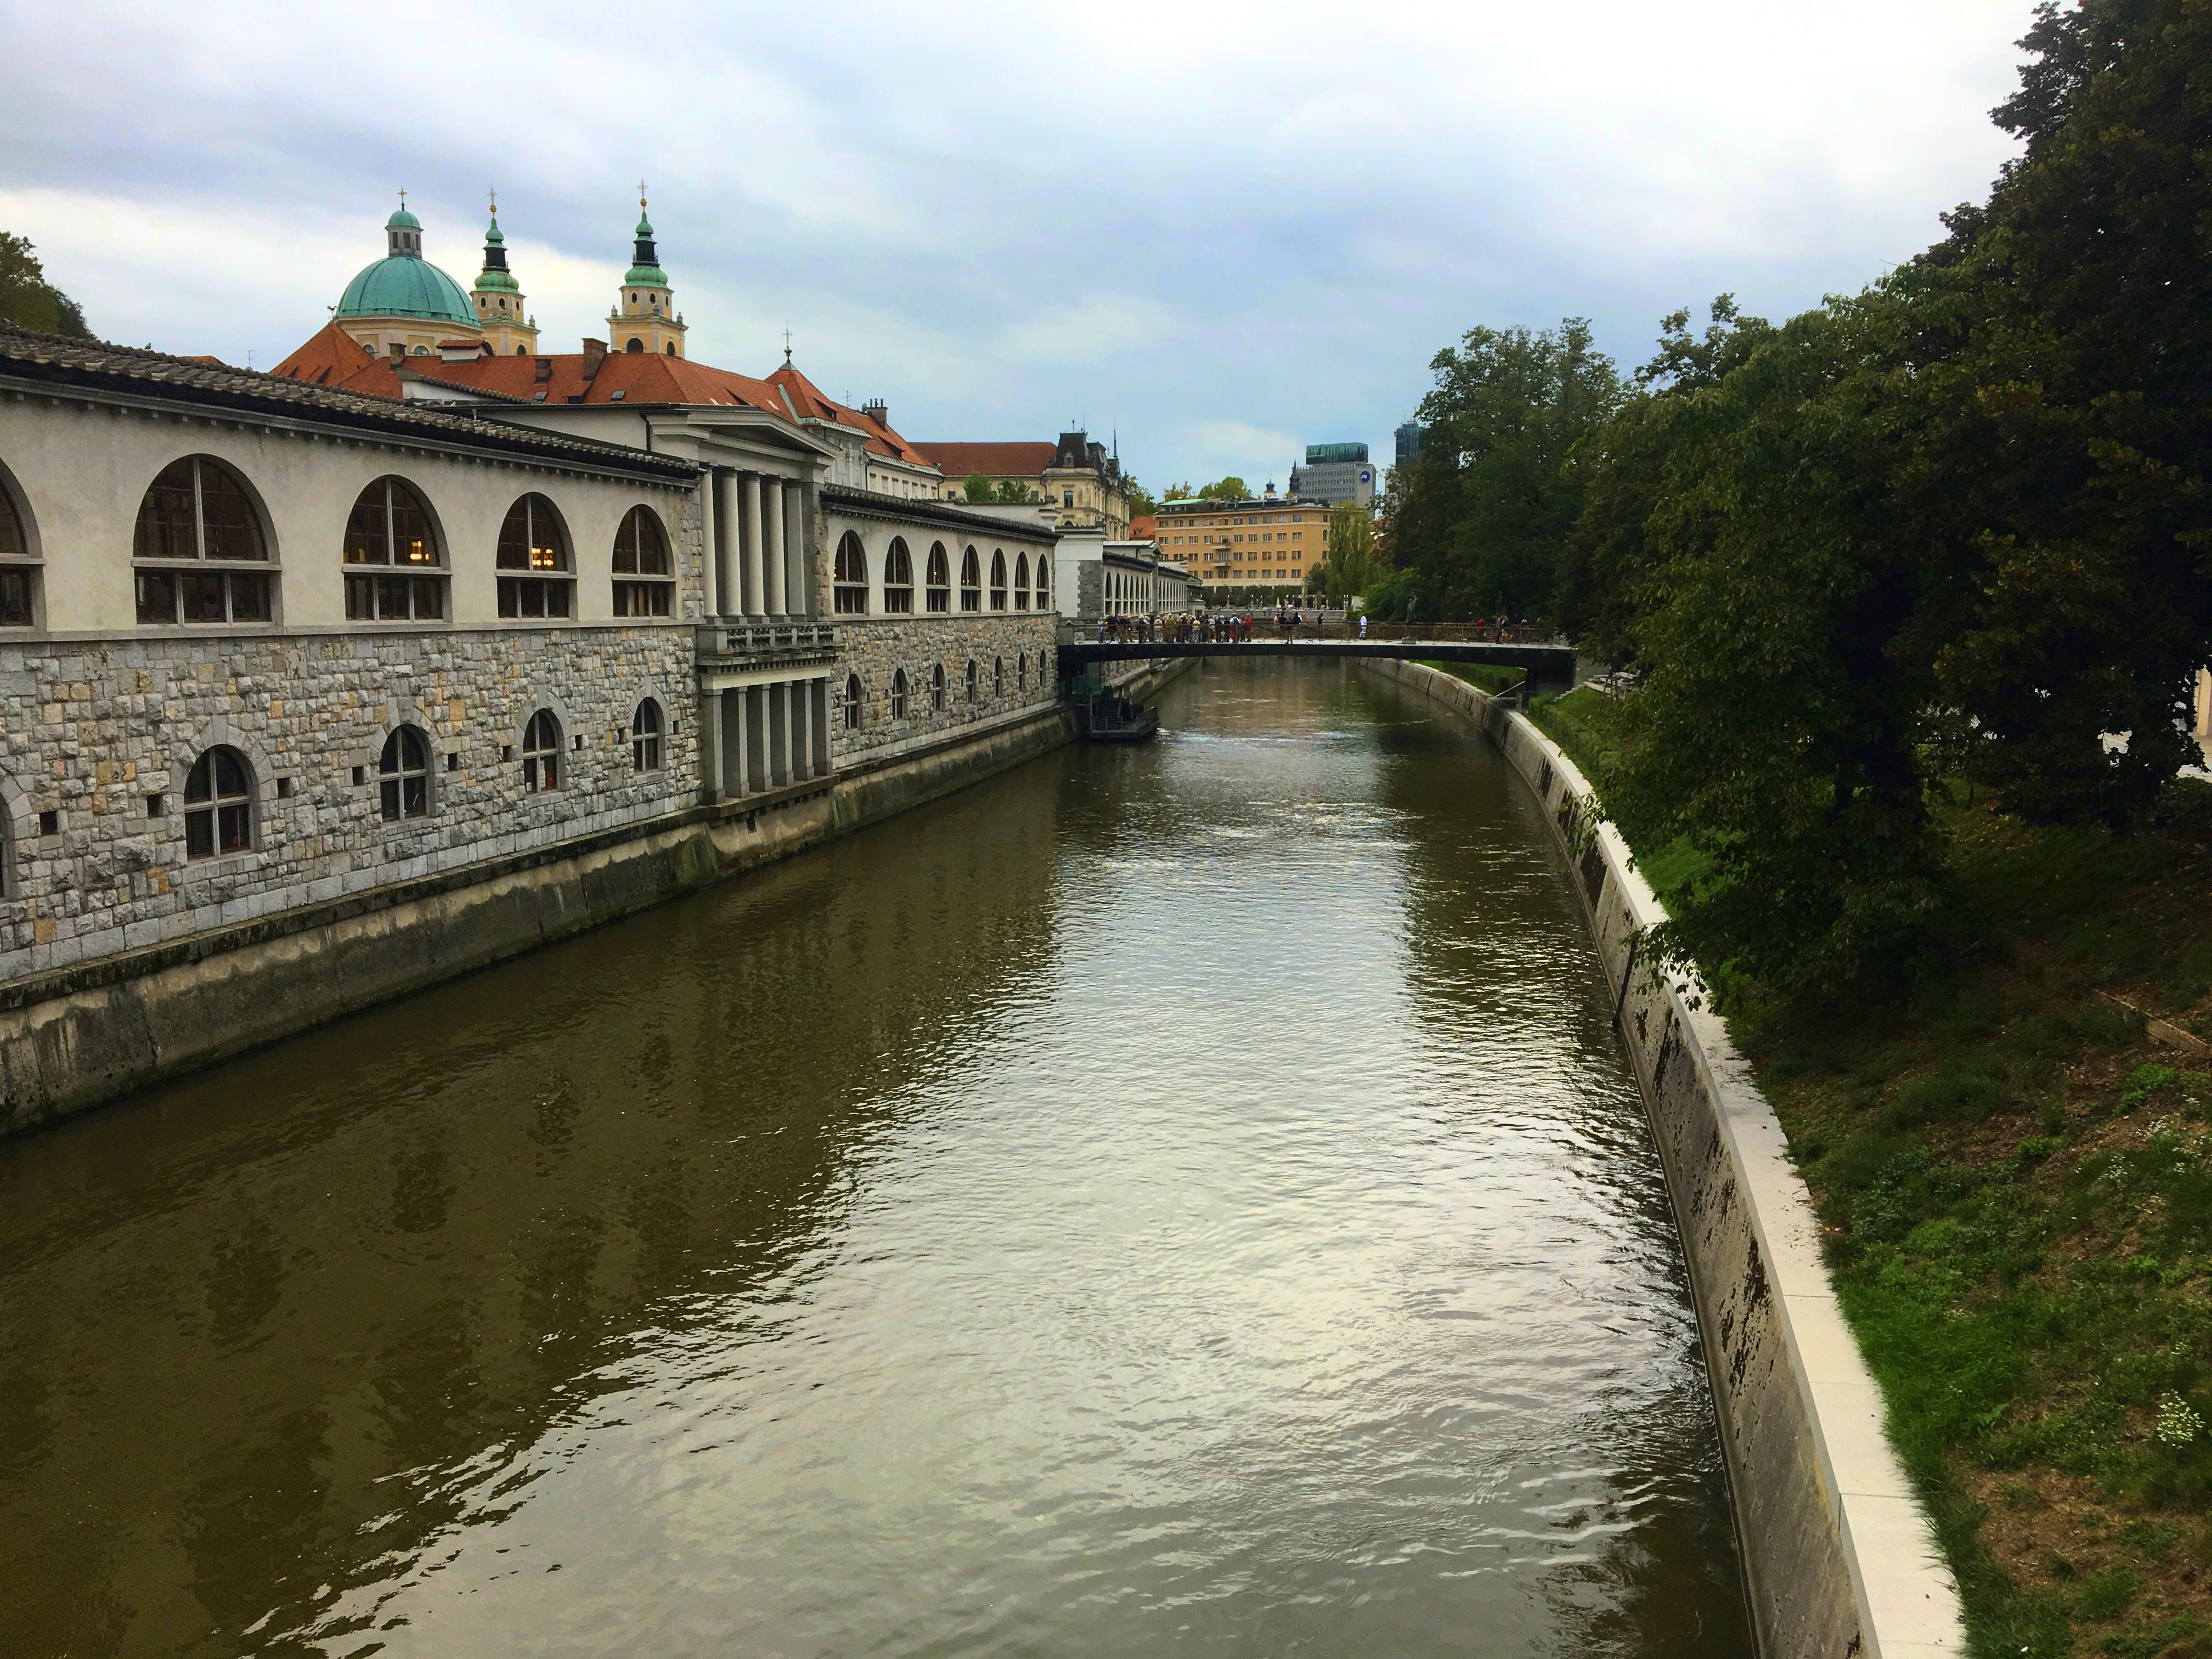 Klick auf's Bild für meinen Travelguide für einen Citytrip in das wunderschöne Ljubljan